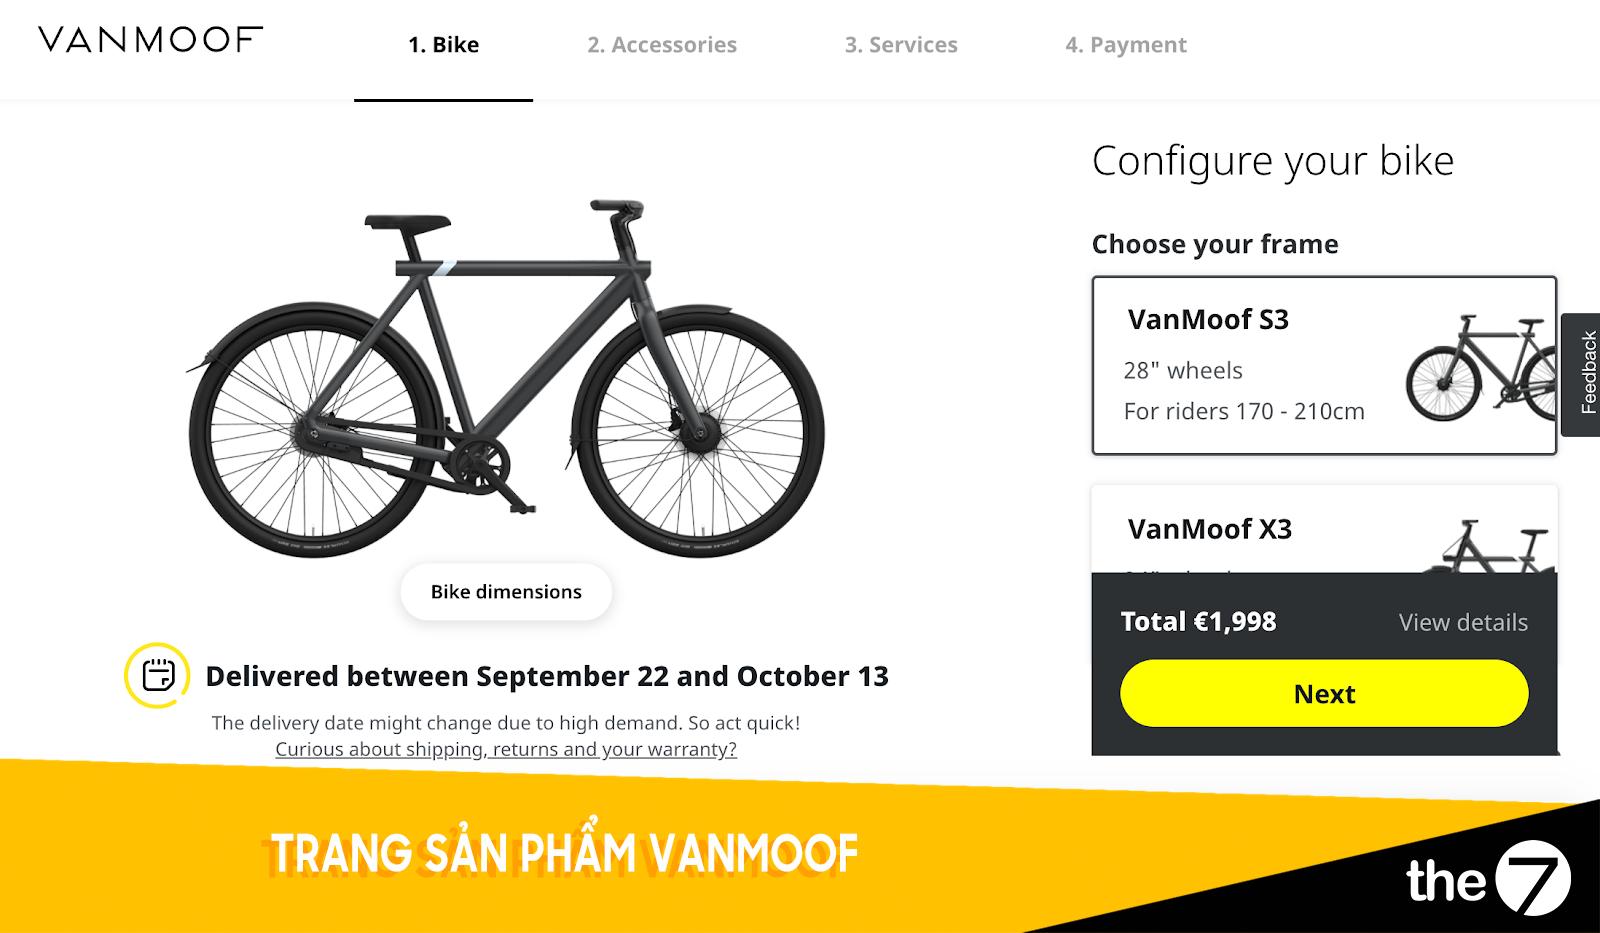 Thiết kế website bán hàng - Trang bán hàng Vanmoof